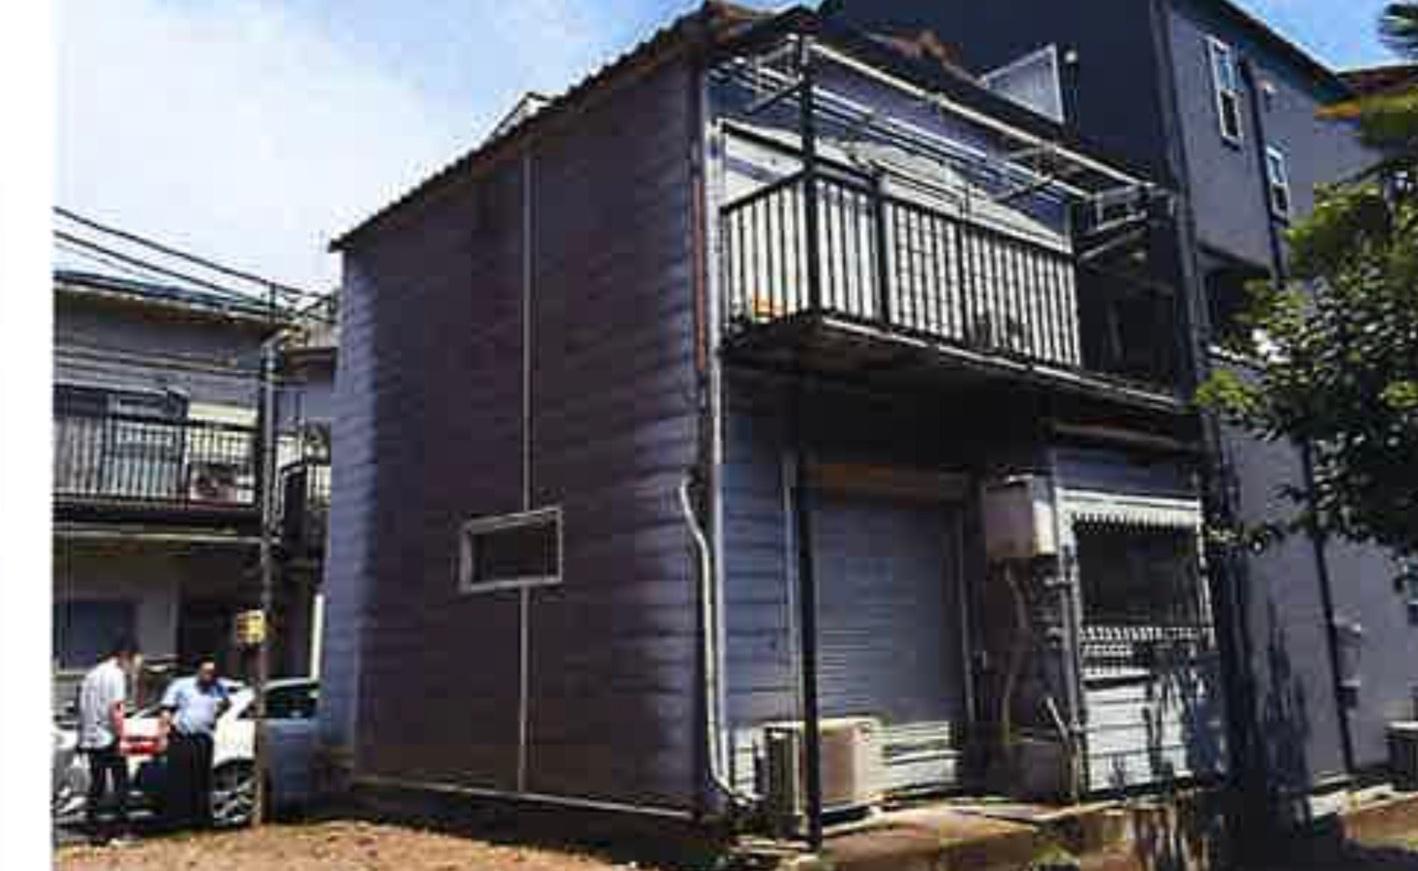 板橋区 12坪木造二階建て 施工実績